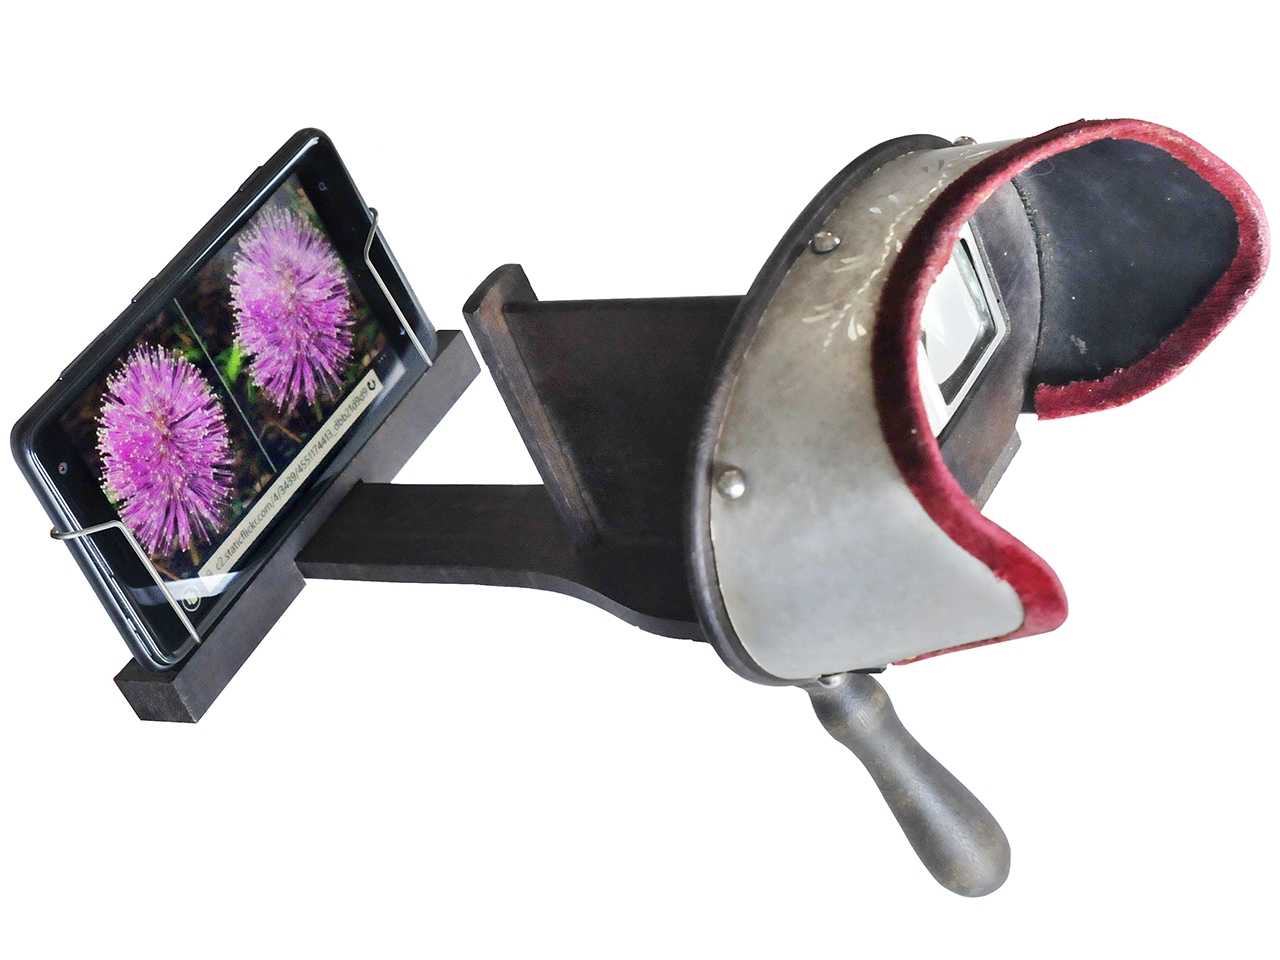 stéréoscope de l'époque victorienne adapté pour le téléphone intelligent